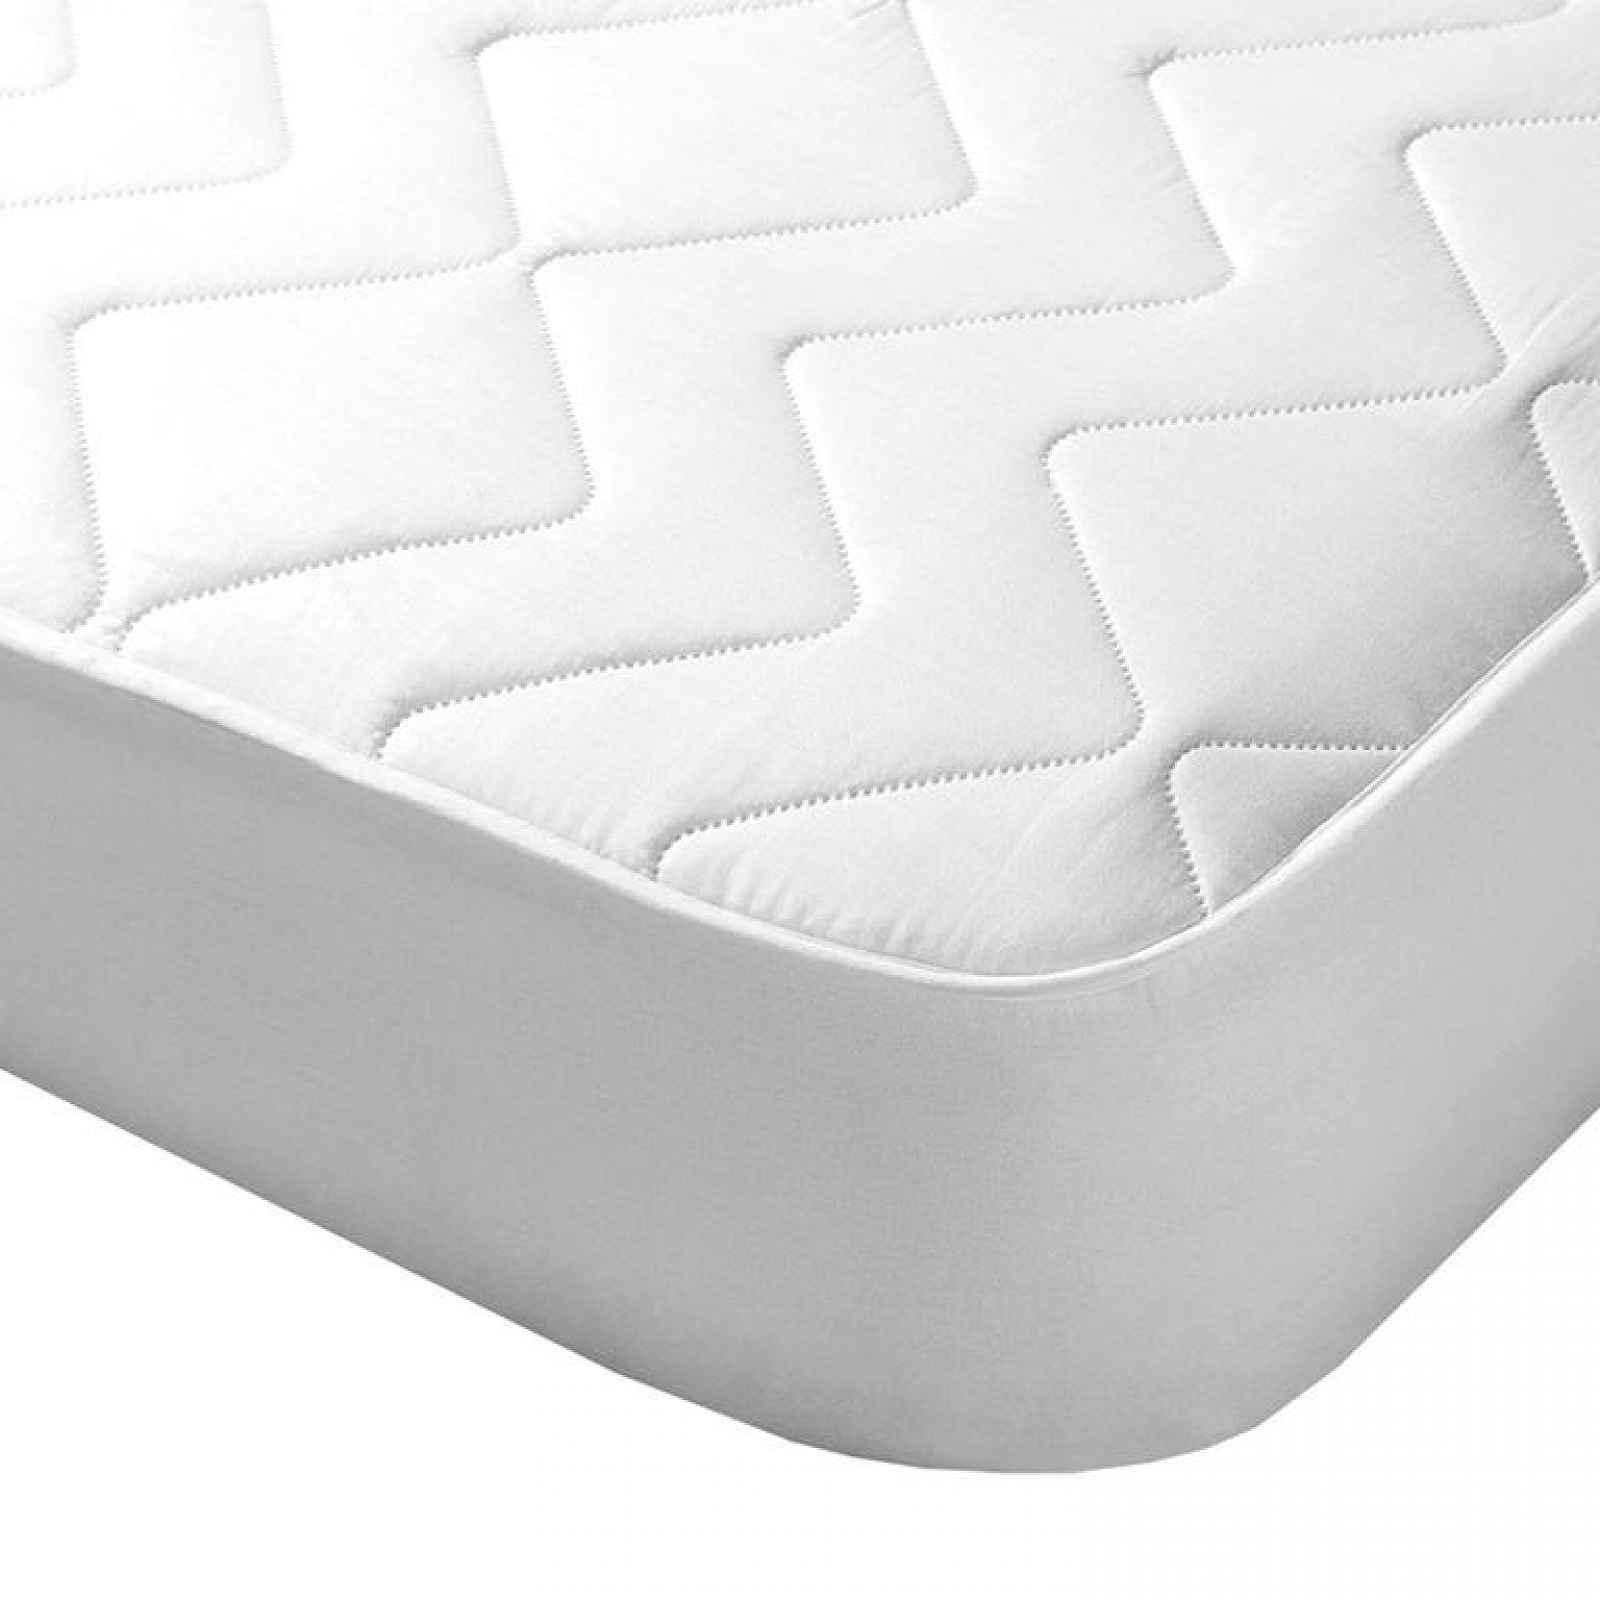 Concept Prošívaný chránič matrace s aloe vera bílý 160 x 200 cm